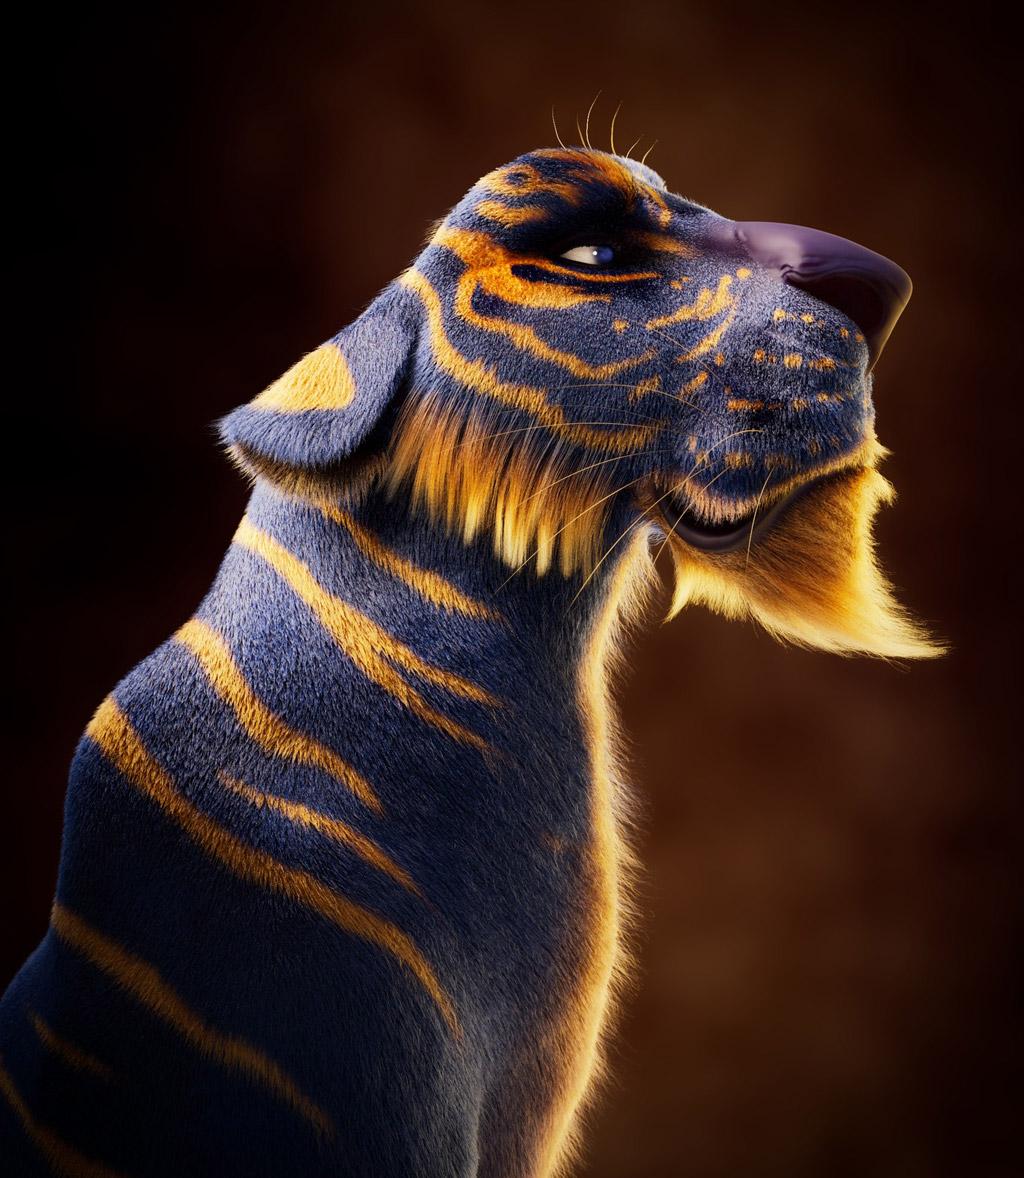 3d model tiger by meine pischedda